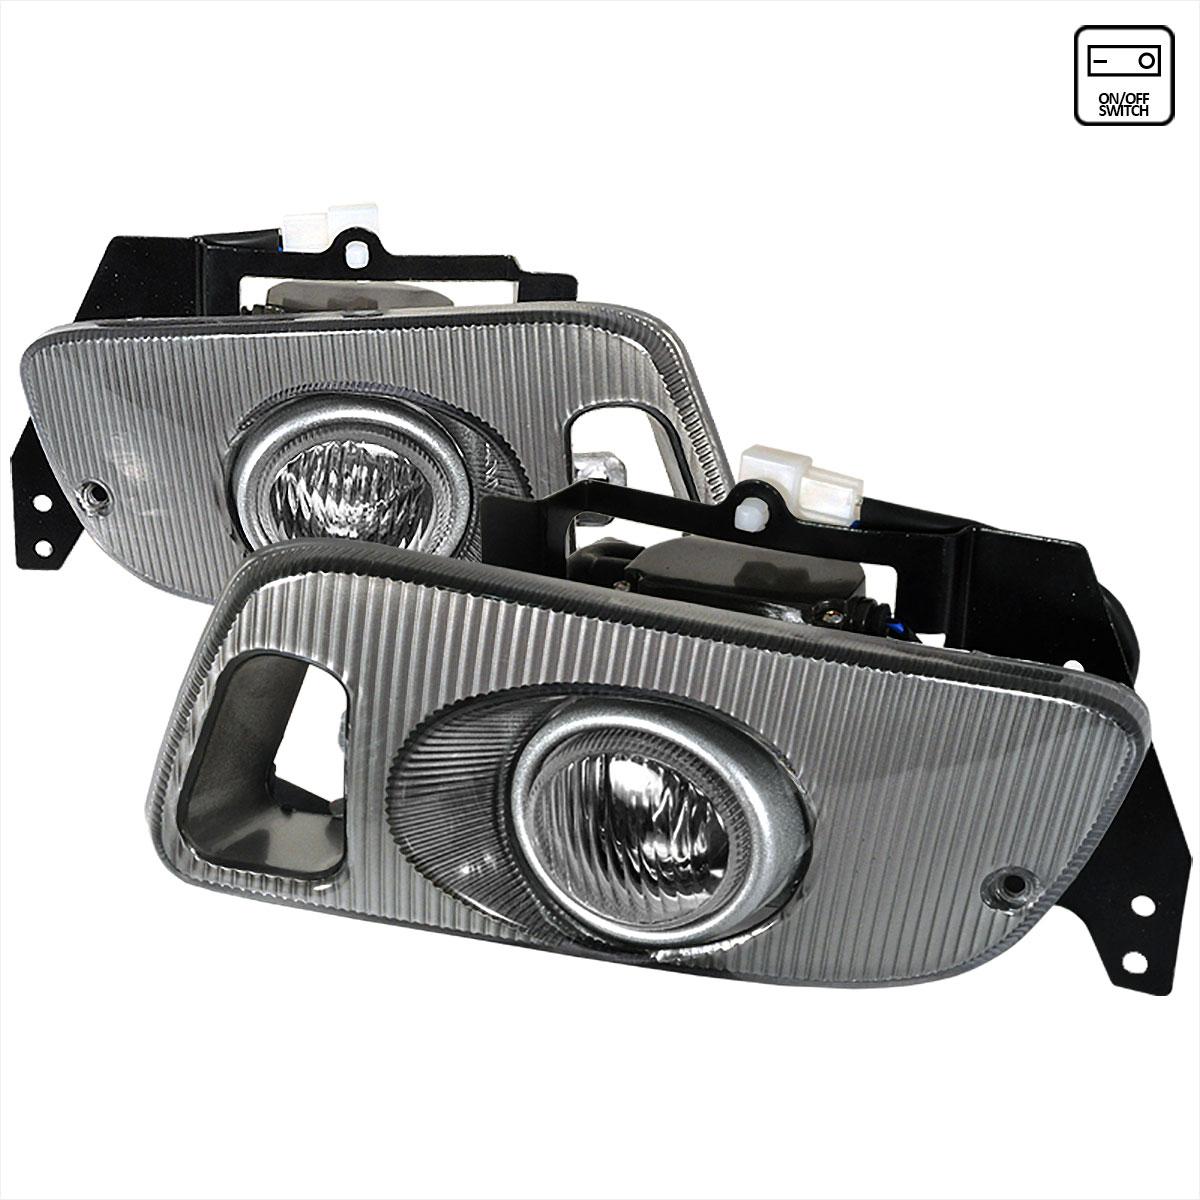 Spec-D Tuning LF-CV923OEM - Spec-D 92-95 Honda Civic 3dr Oem Foglights